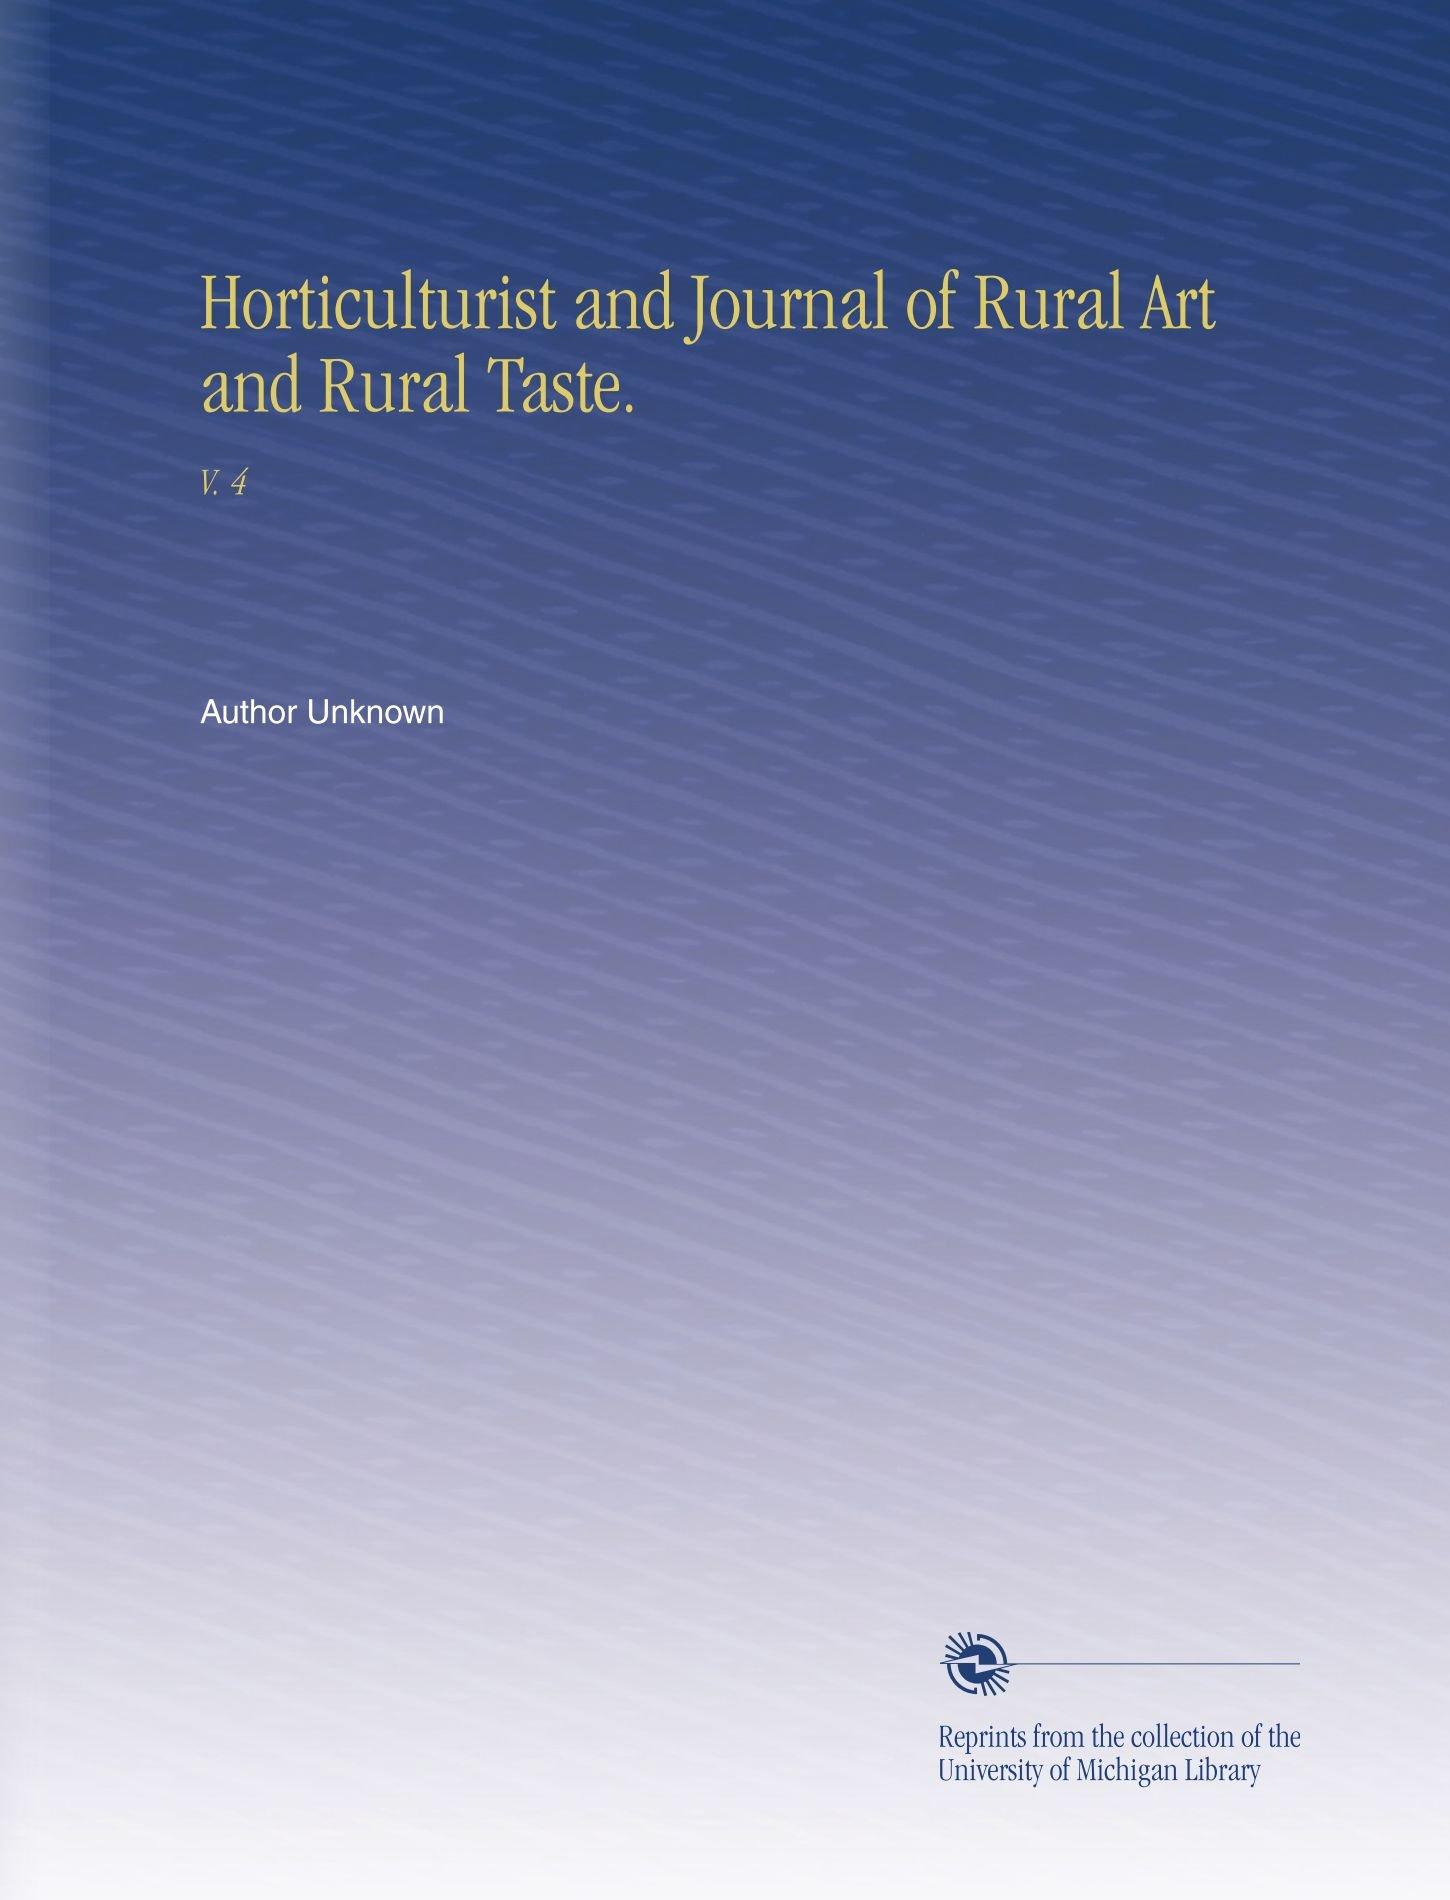 Download Horticulturist and Journal of Rural Art and Rural Taste.: V. 4 PDF